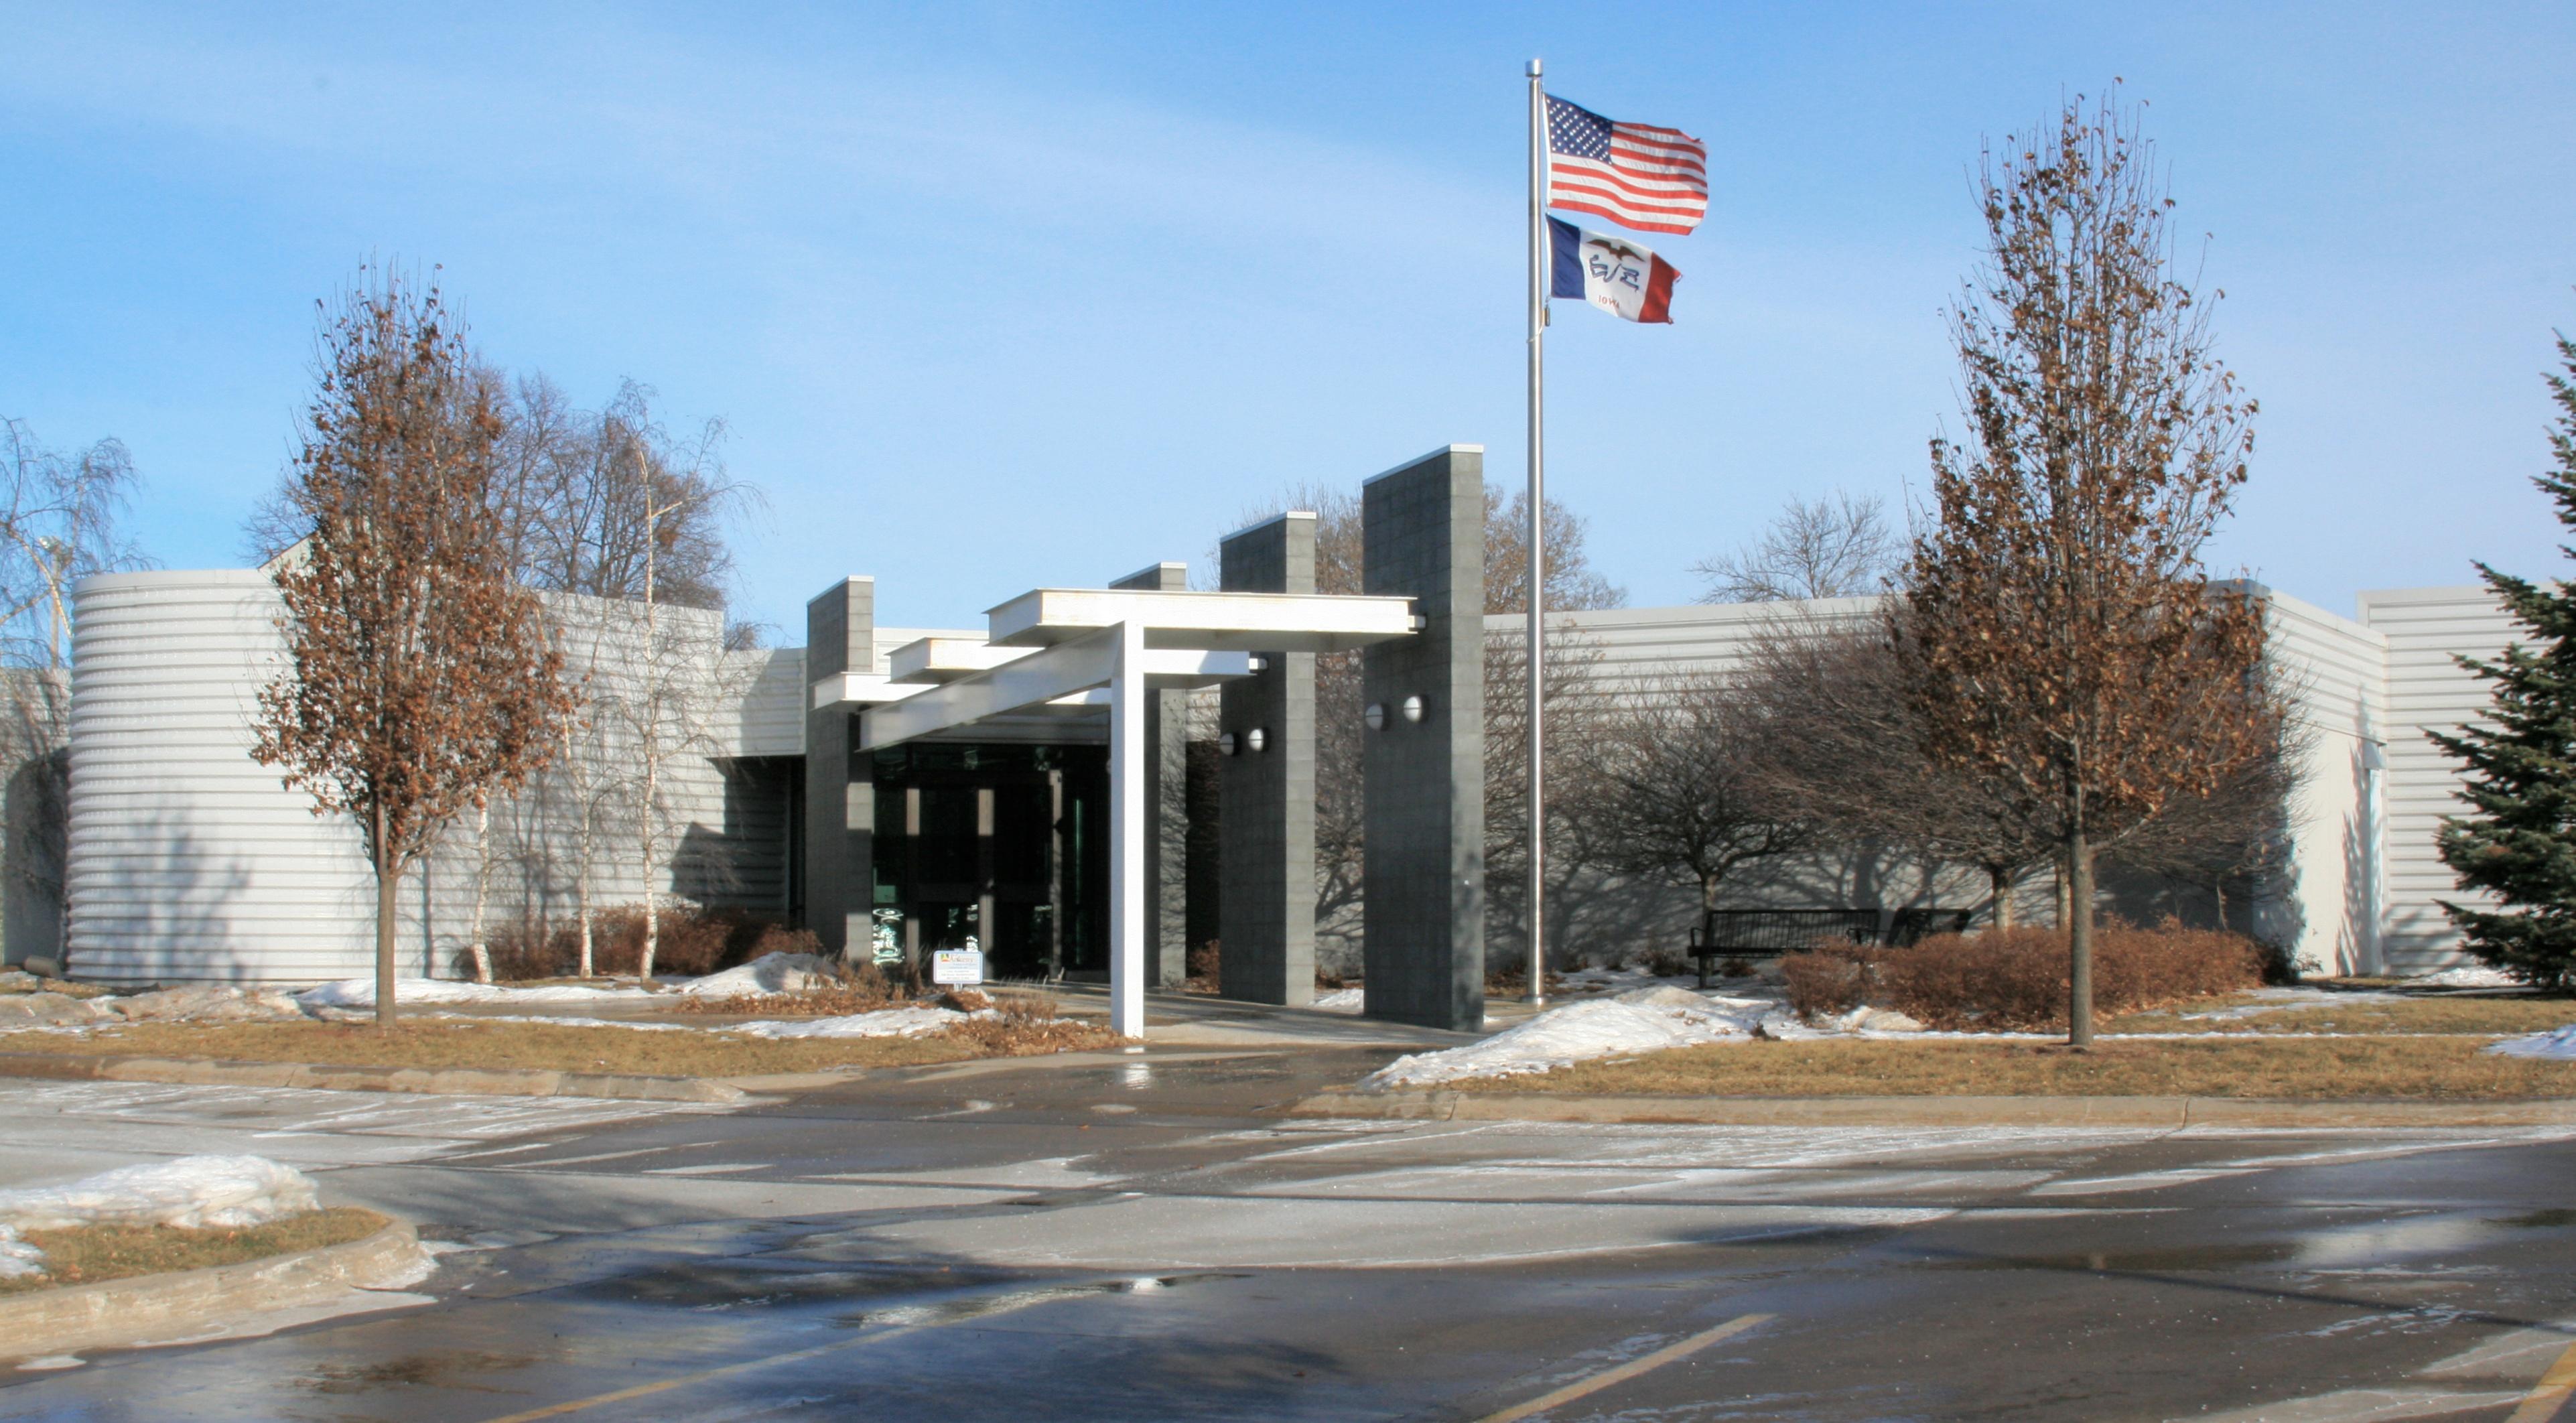 Ankeny_Iowa_City_Hall.jpg